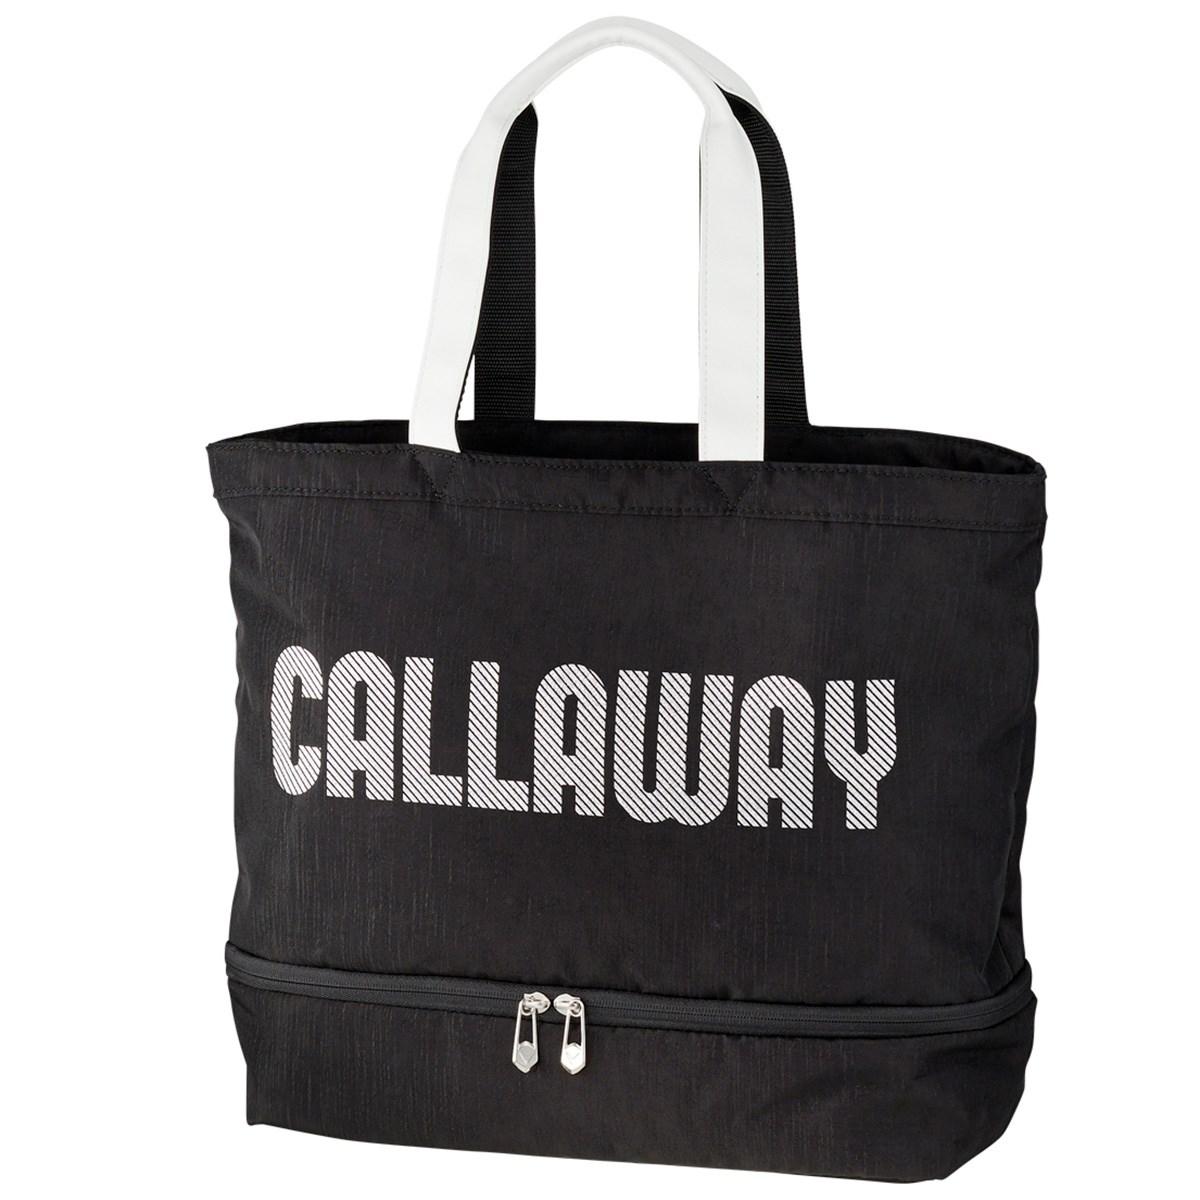 キャロウェイゴルフ Callaway Golf SPL トートバッグ JM ブラック レディス